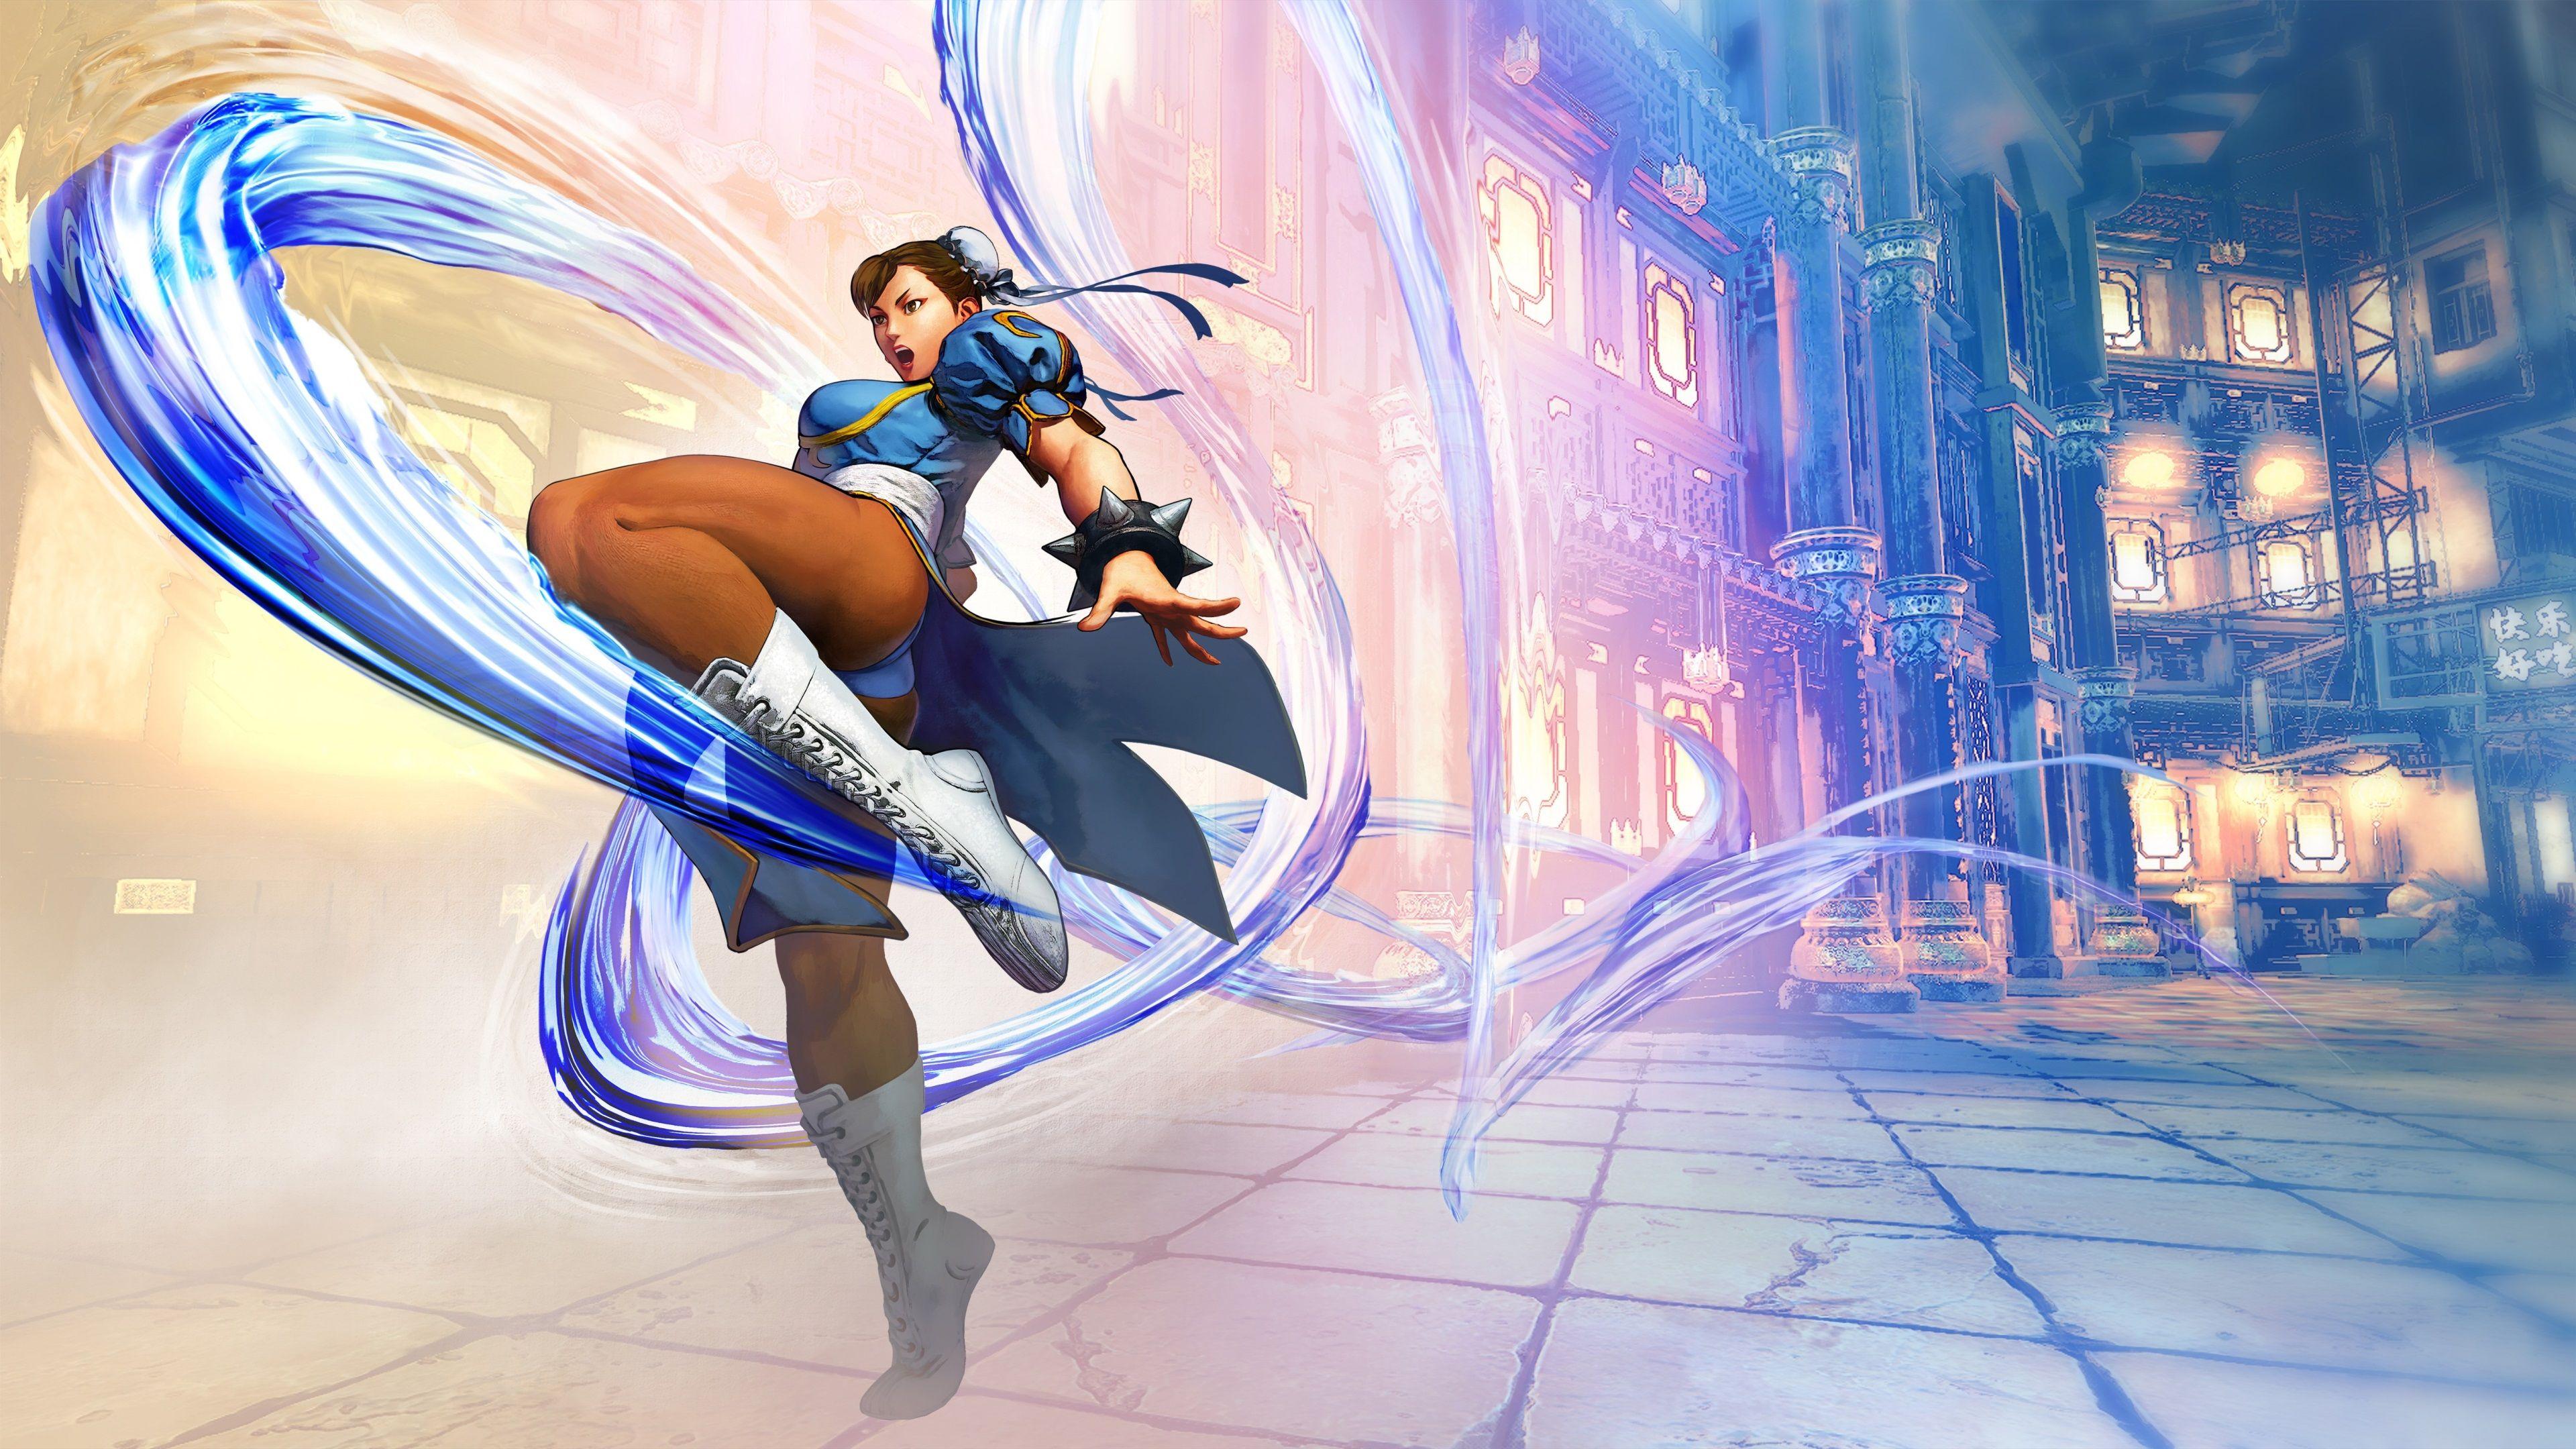 3840x2160 Chun Li 4k Wallpaper Image Hd Street Fighter